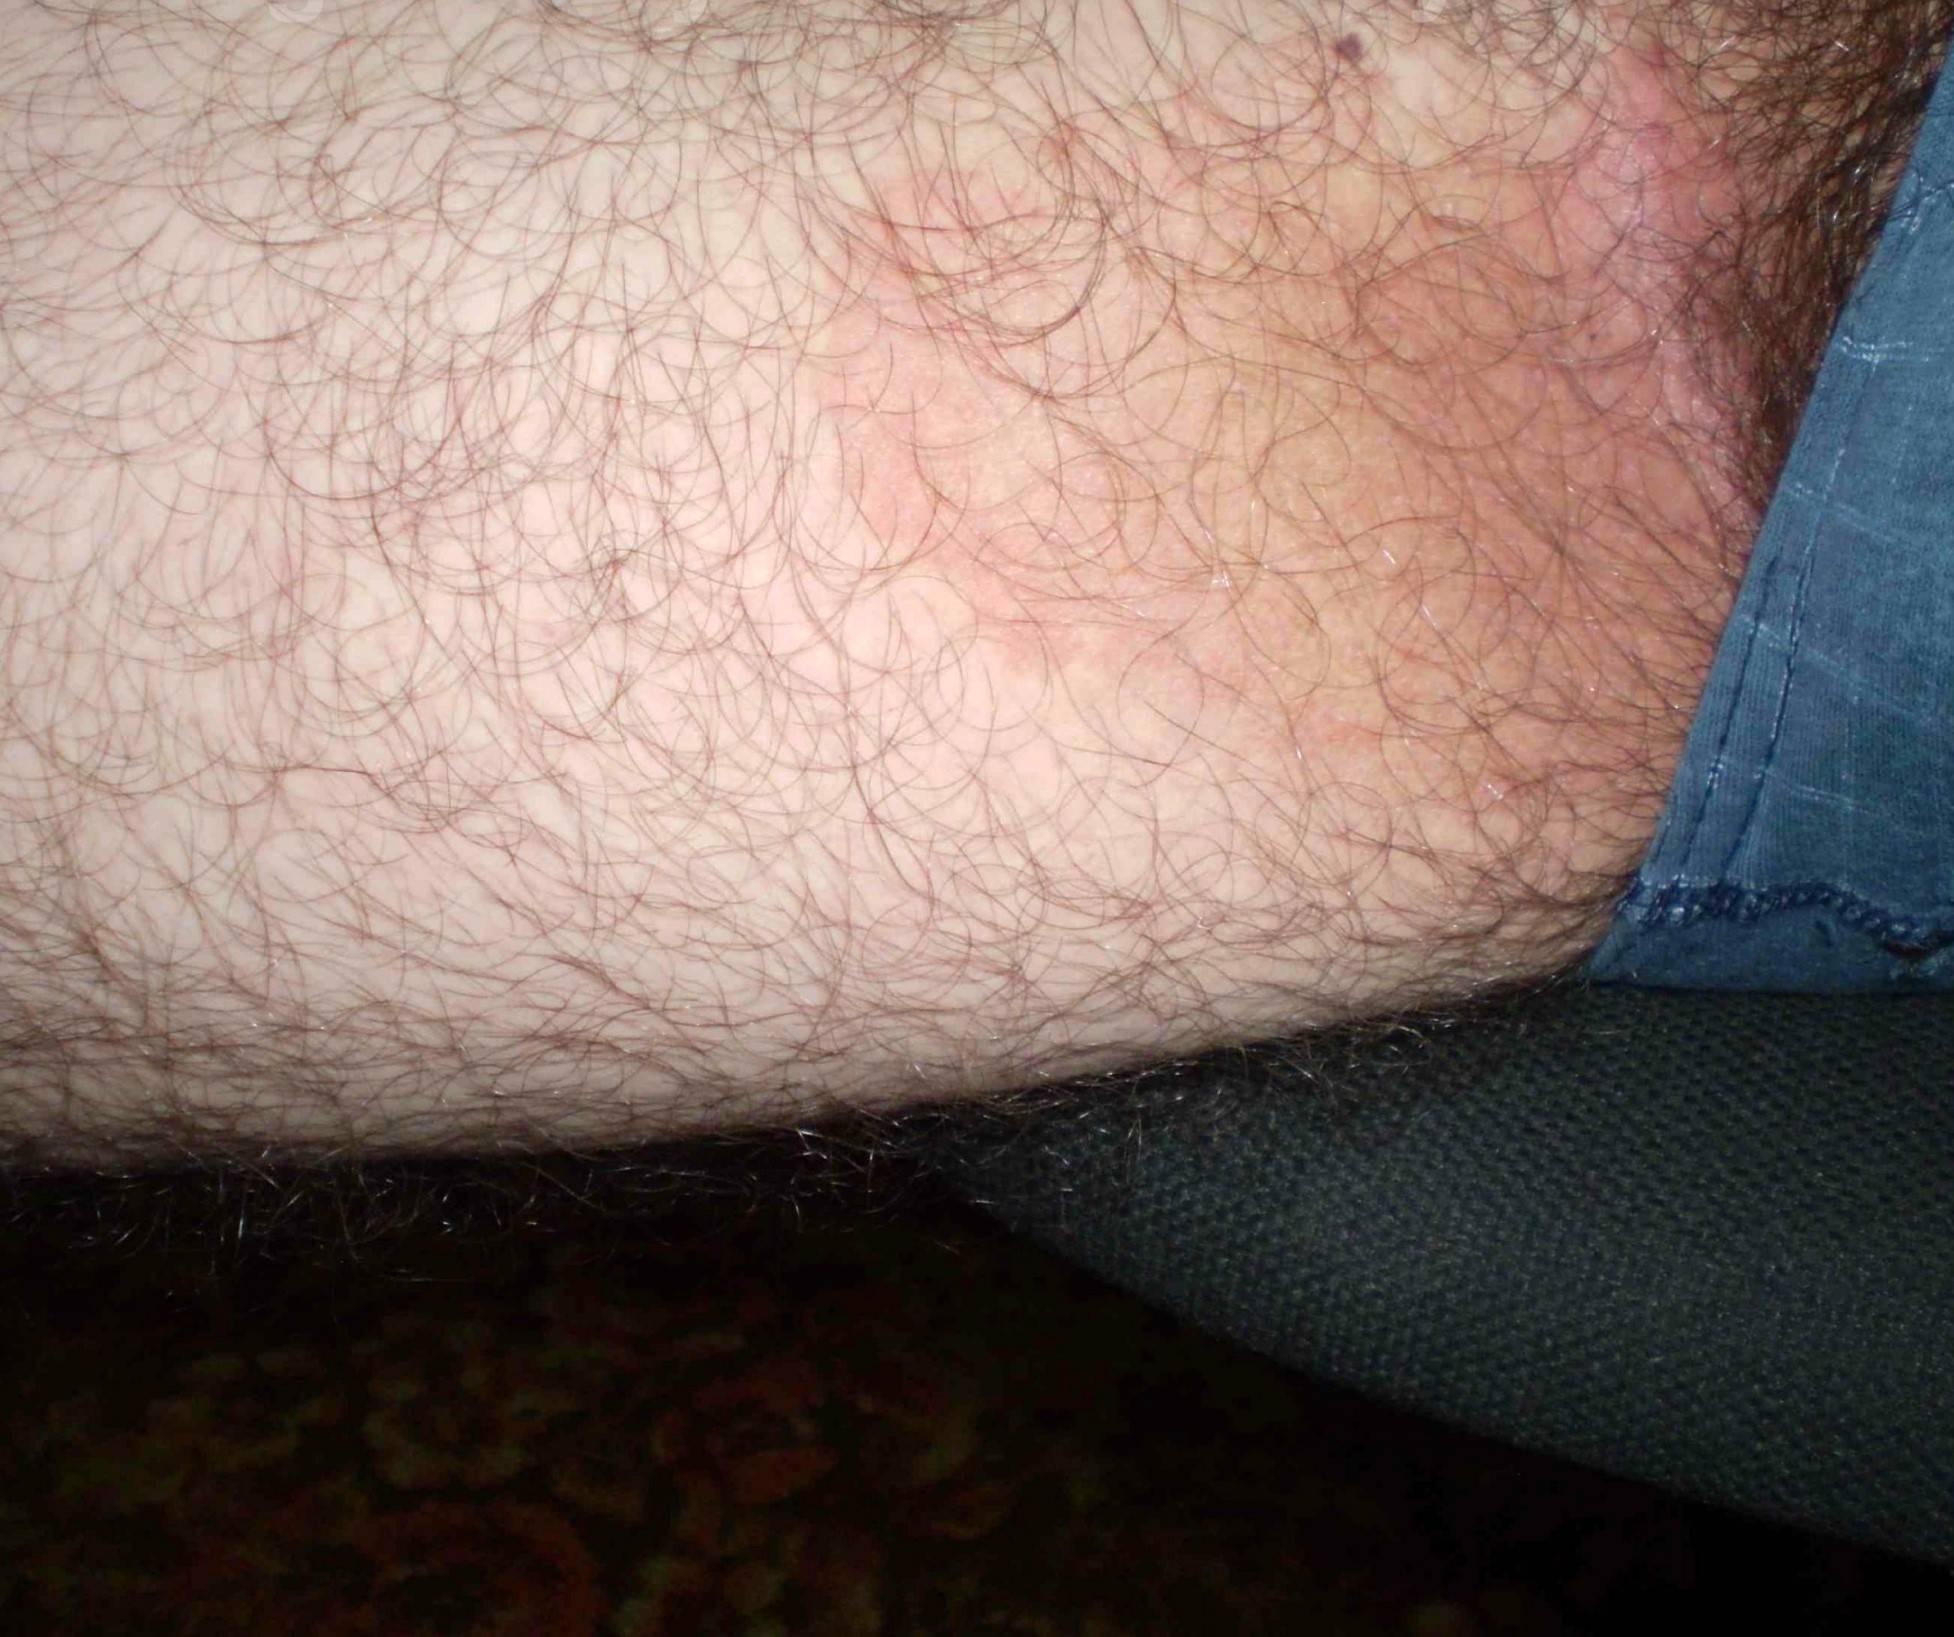 Пятна в паху: фото, возможные заболевания, симптомы